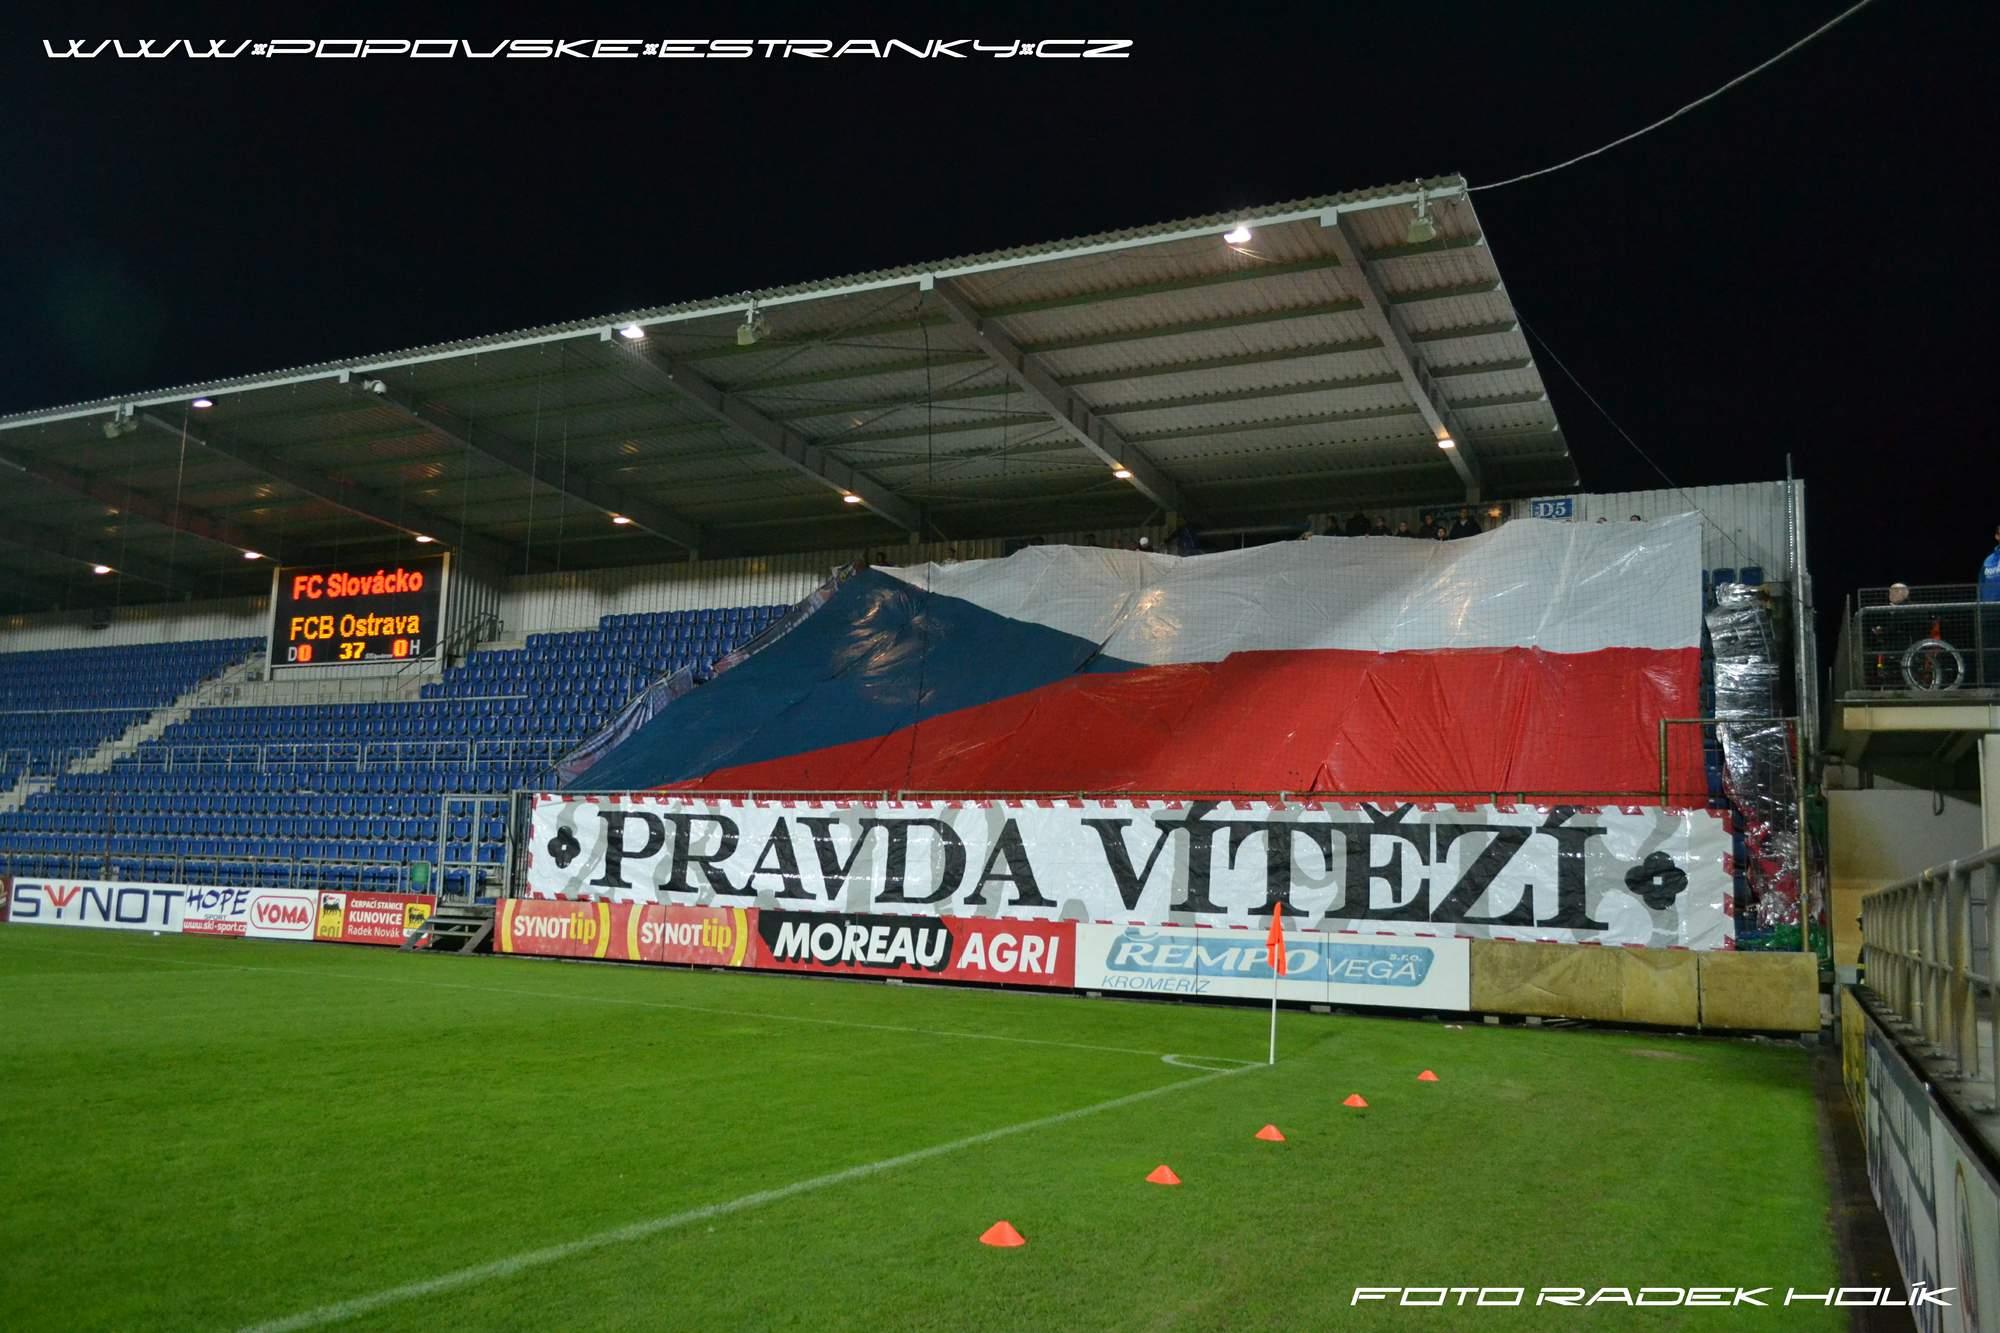 slovacko_fcb_14-15_pohar_2.jpg (303 KB)